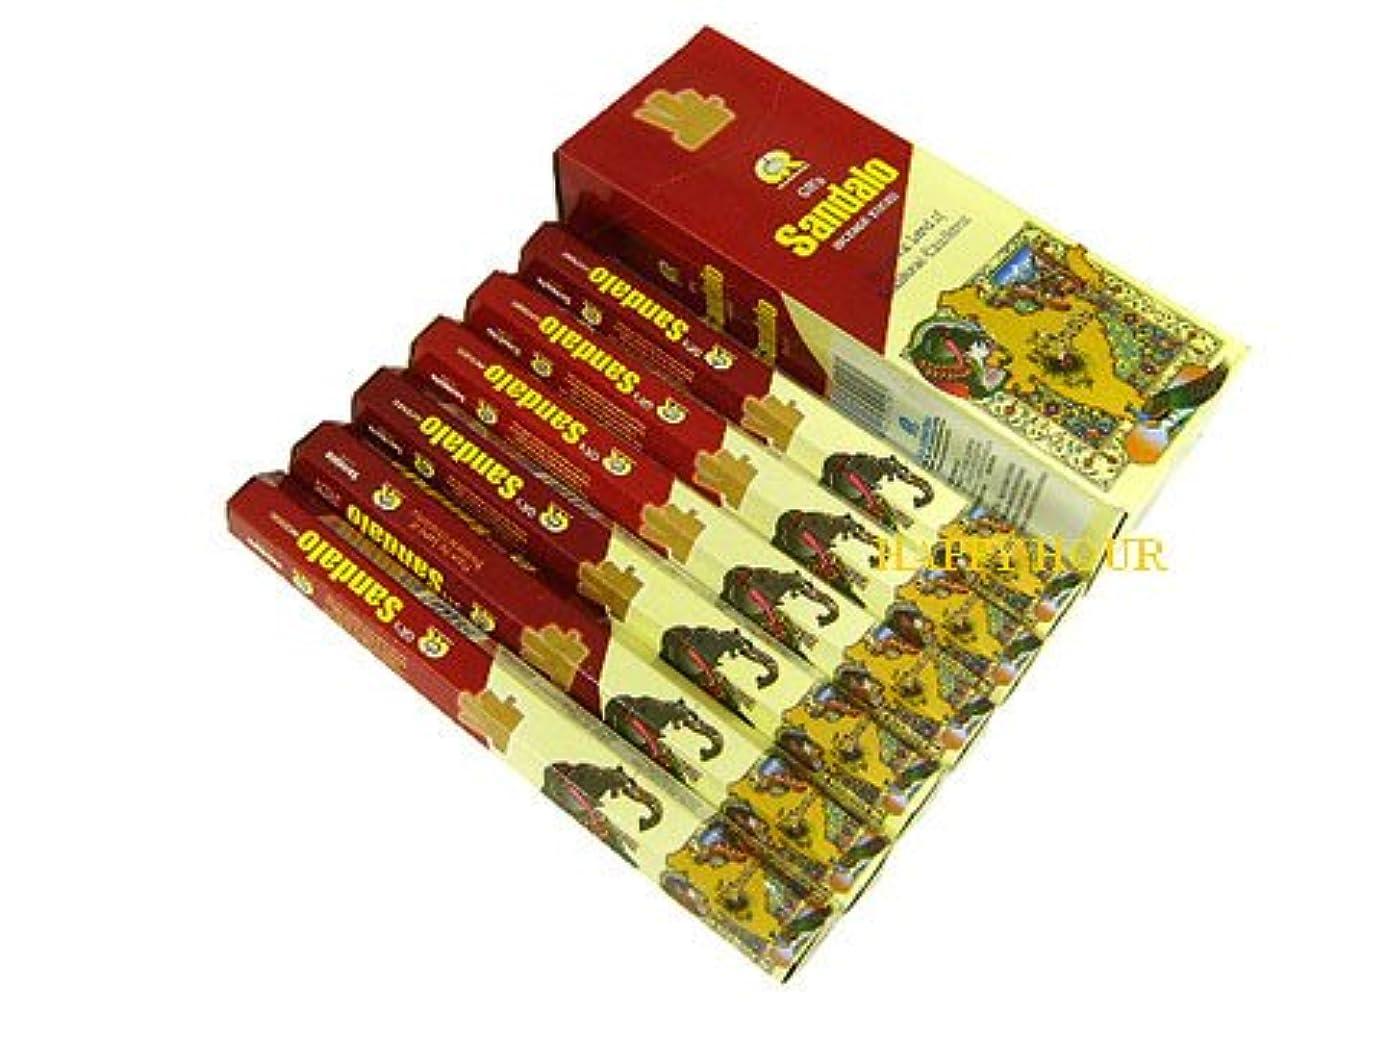 心理的に入力才能G.R.INTERNATIONAL(ジーアールインターナショナル) サンダル香 スティック SANDALO 6箱セット